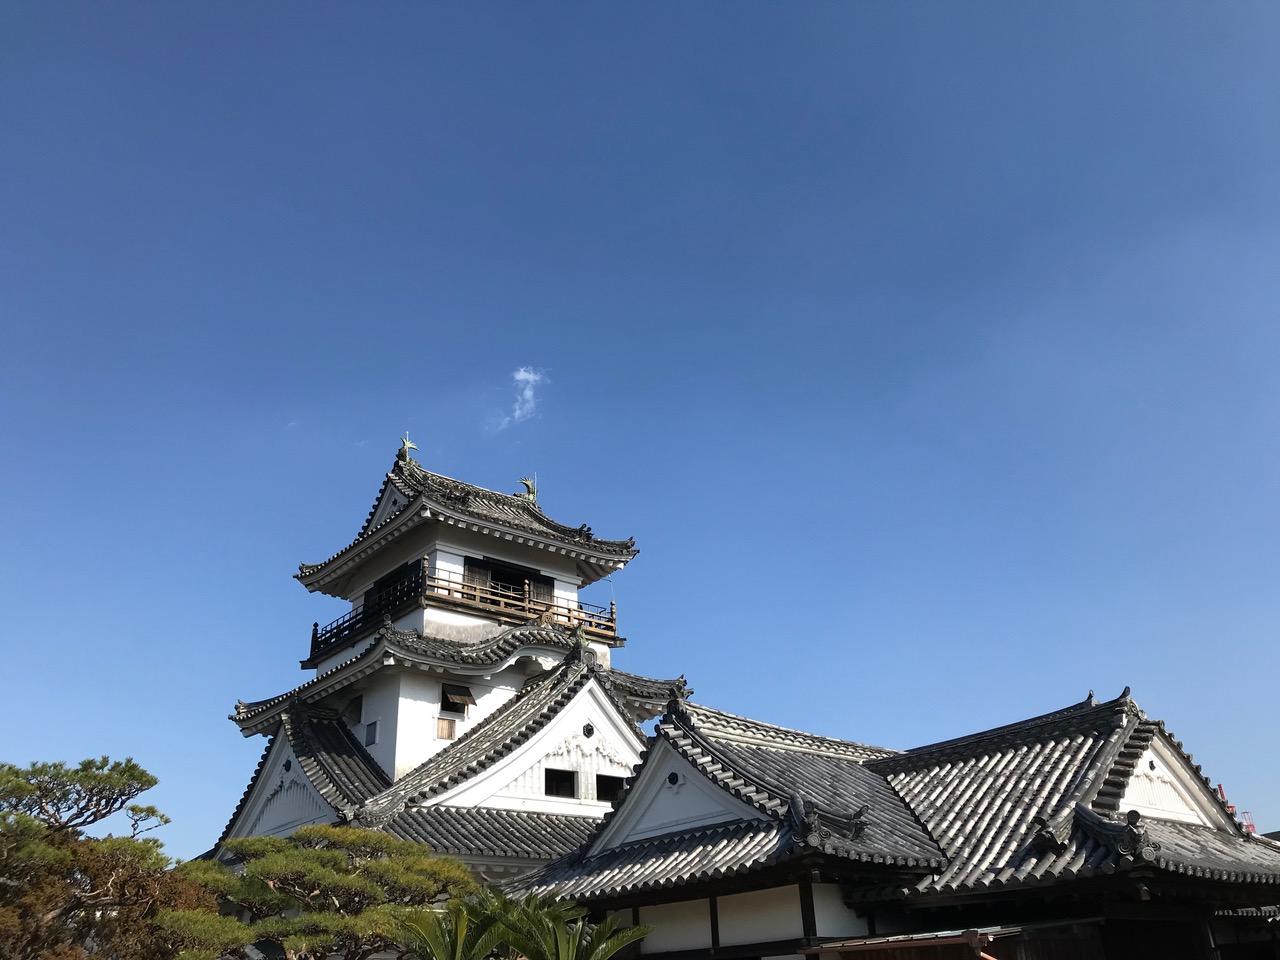 晴天の高知城。